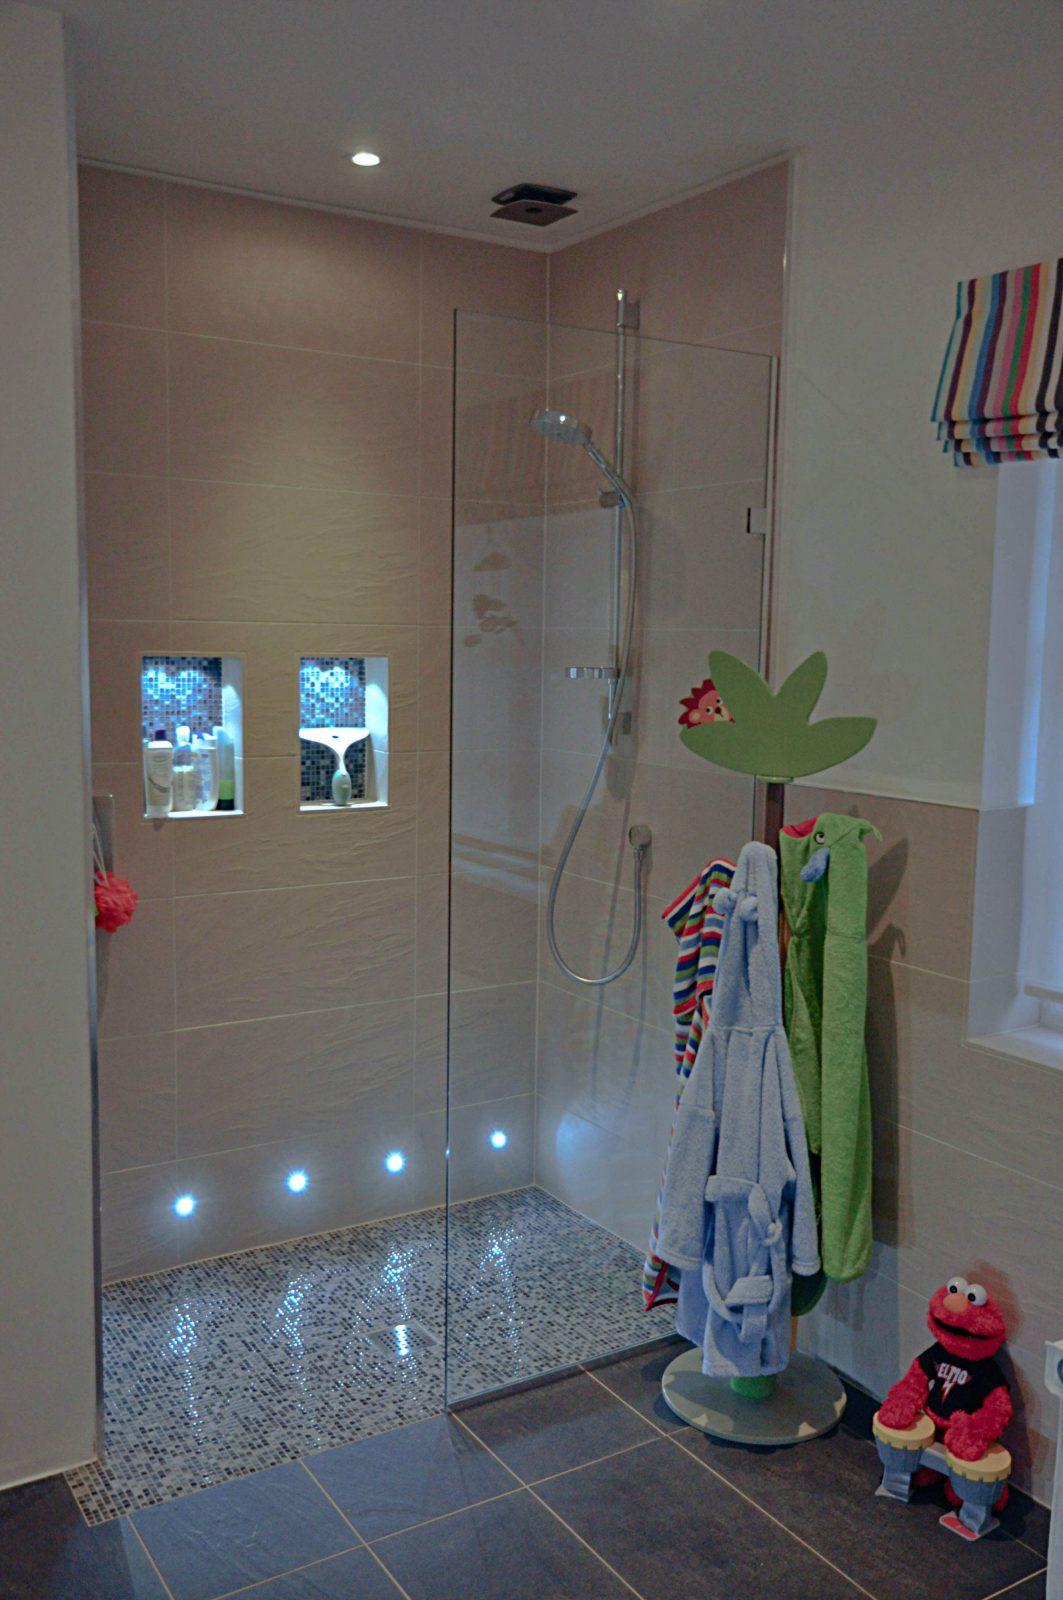 Pour Éclairage Dans Alcoves  Zukünftige Projekte  Badezimmerideen von Duschideen Für Kleine Bäder Bild